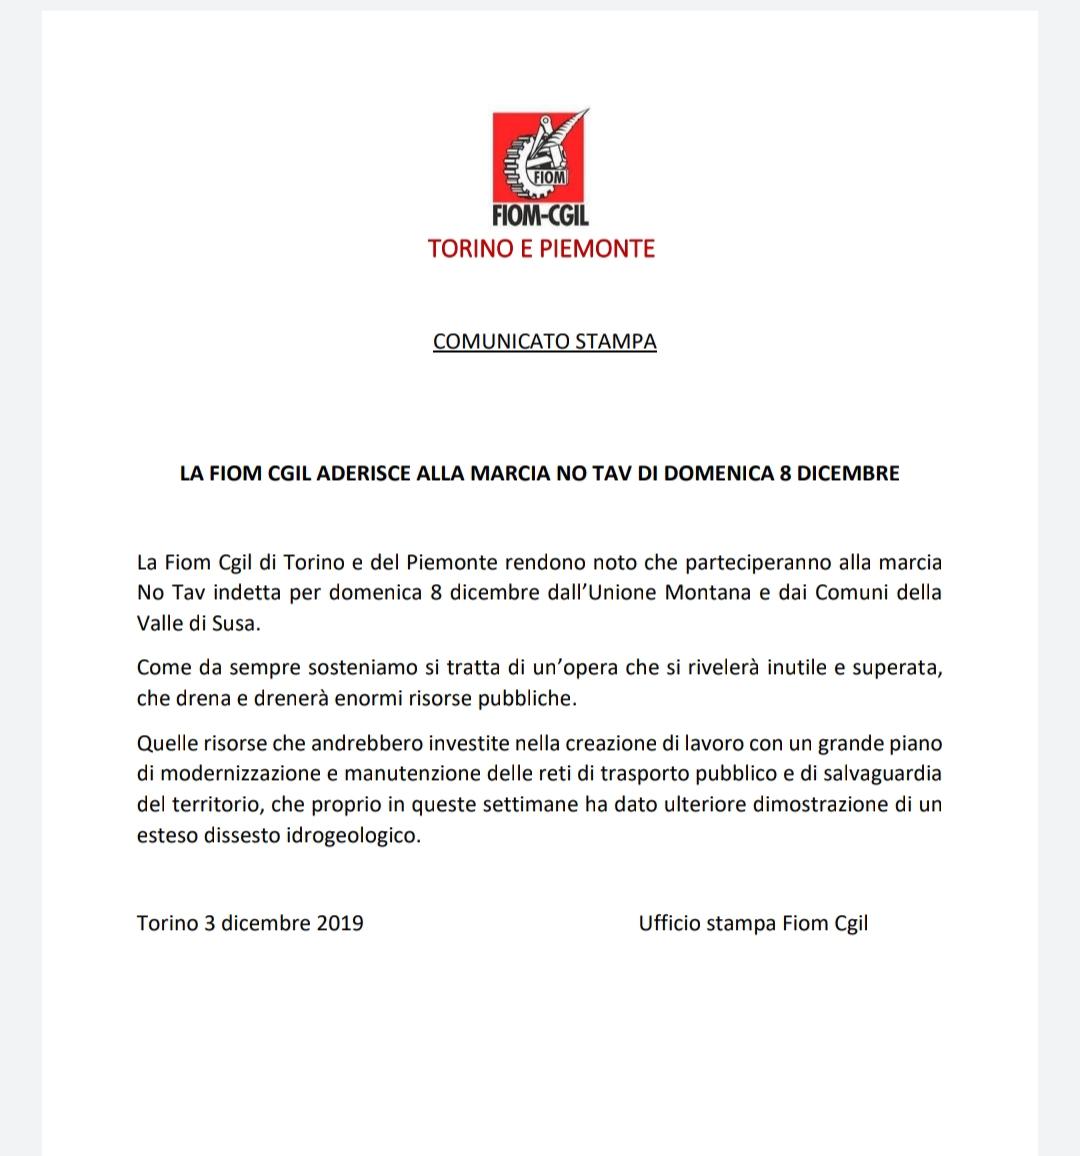 La FIOM CGIL aderisce alla marcia NO TAV di domenica 8 dicembre